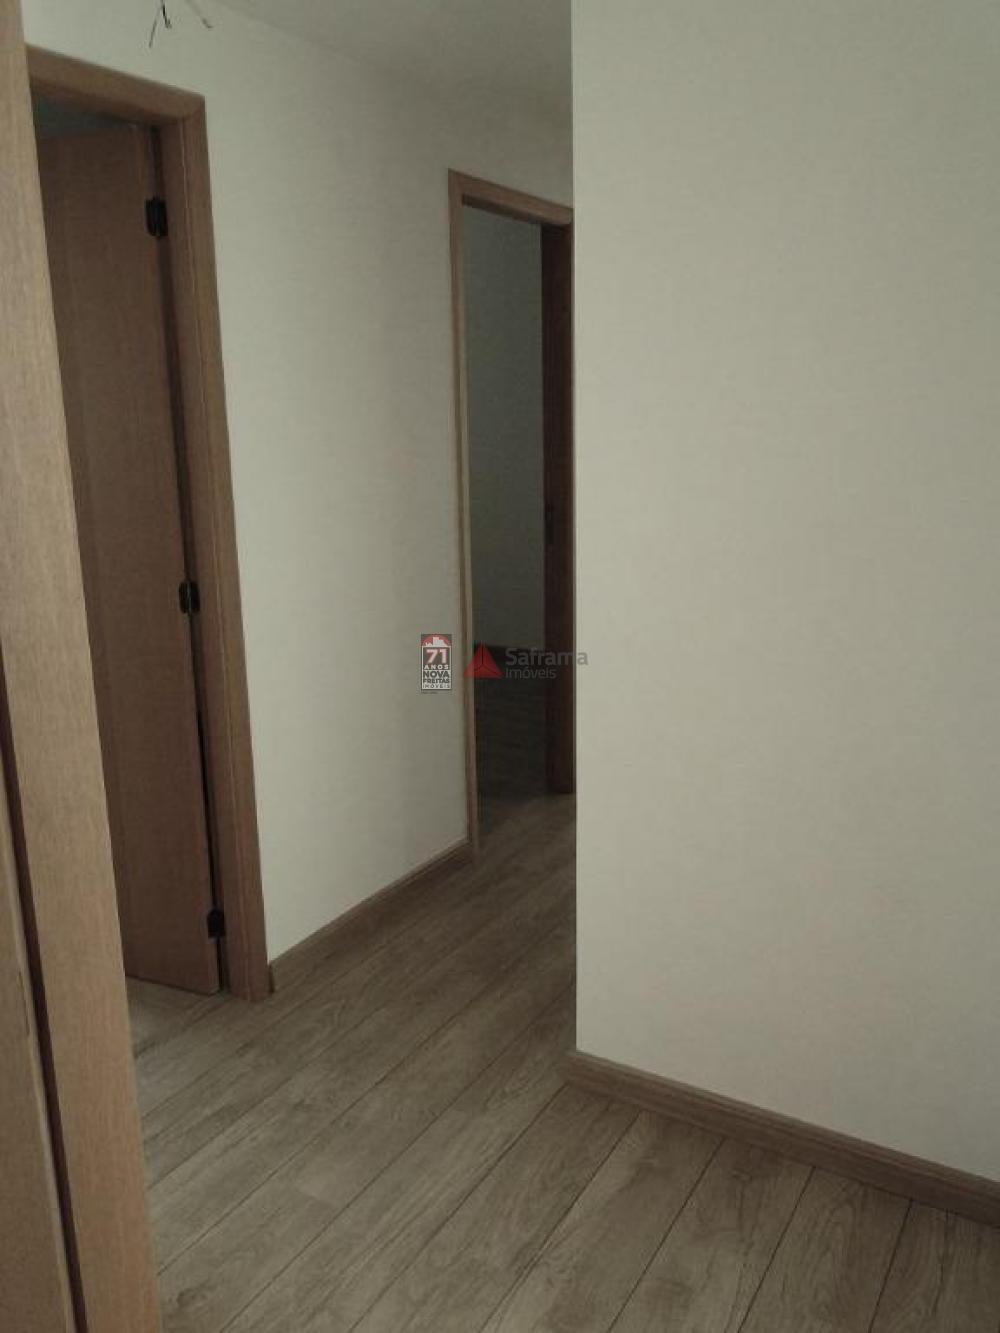 Comprar Apartamento / Padrão em São José dos Campos apenas R$ 600.000,00 - Foto 7